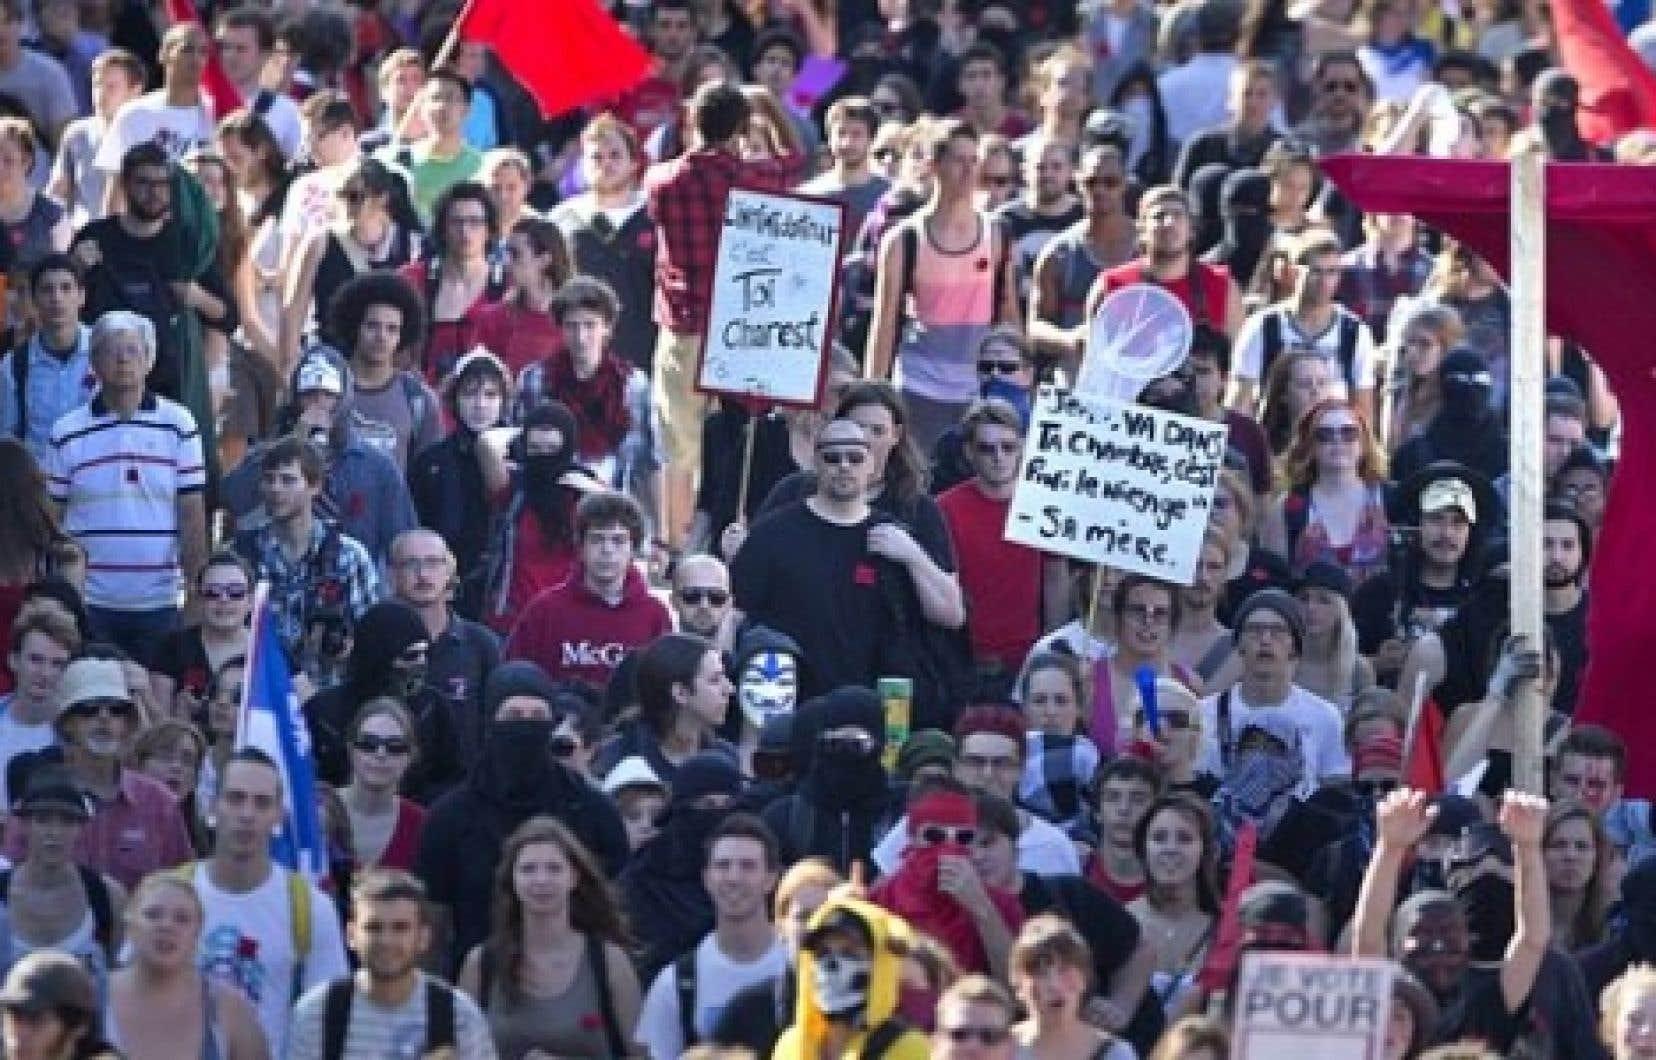 La manifestation du 22 du mois s&#39;est d&eacute;roul&eacute;e sur fond de campagne &eacute;lectorale, &agrave; l&#39;initiative d&#39;une coalition d&#39;organisations communautaires, &eacute;tudiantes, syndicales, f&eacute;ministes et &eacute;cologistes. <br />